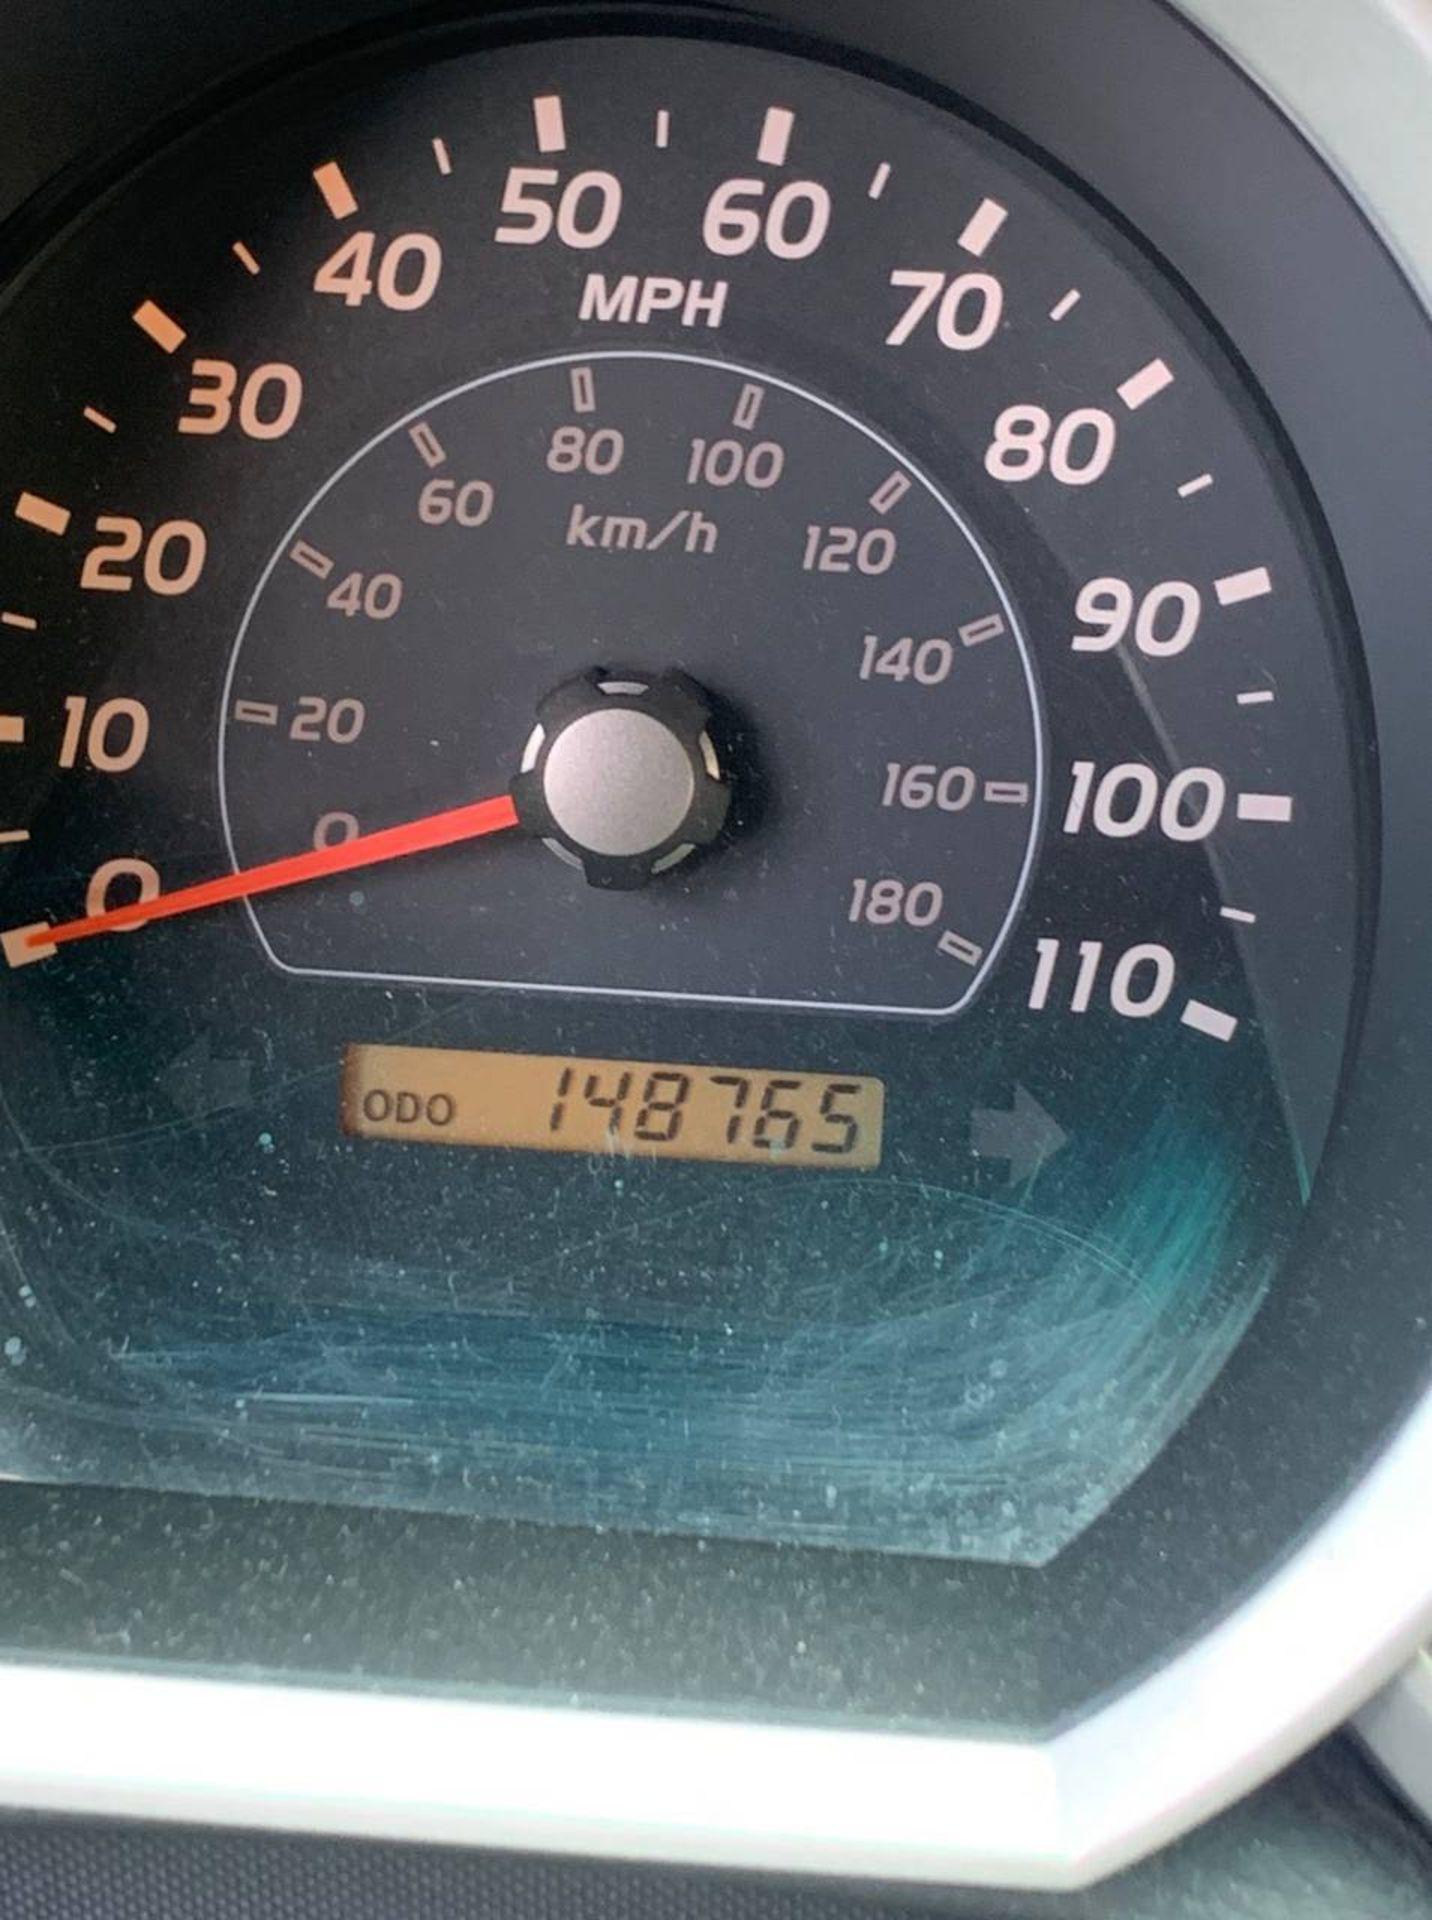 2008 Toyota 4Runner SUV Vehicle - Image 12 of 12